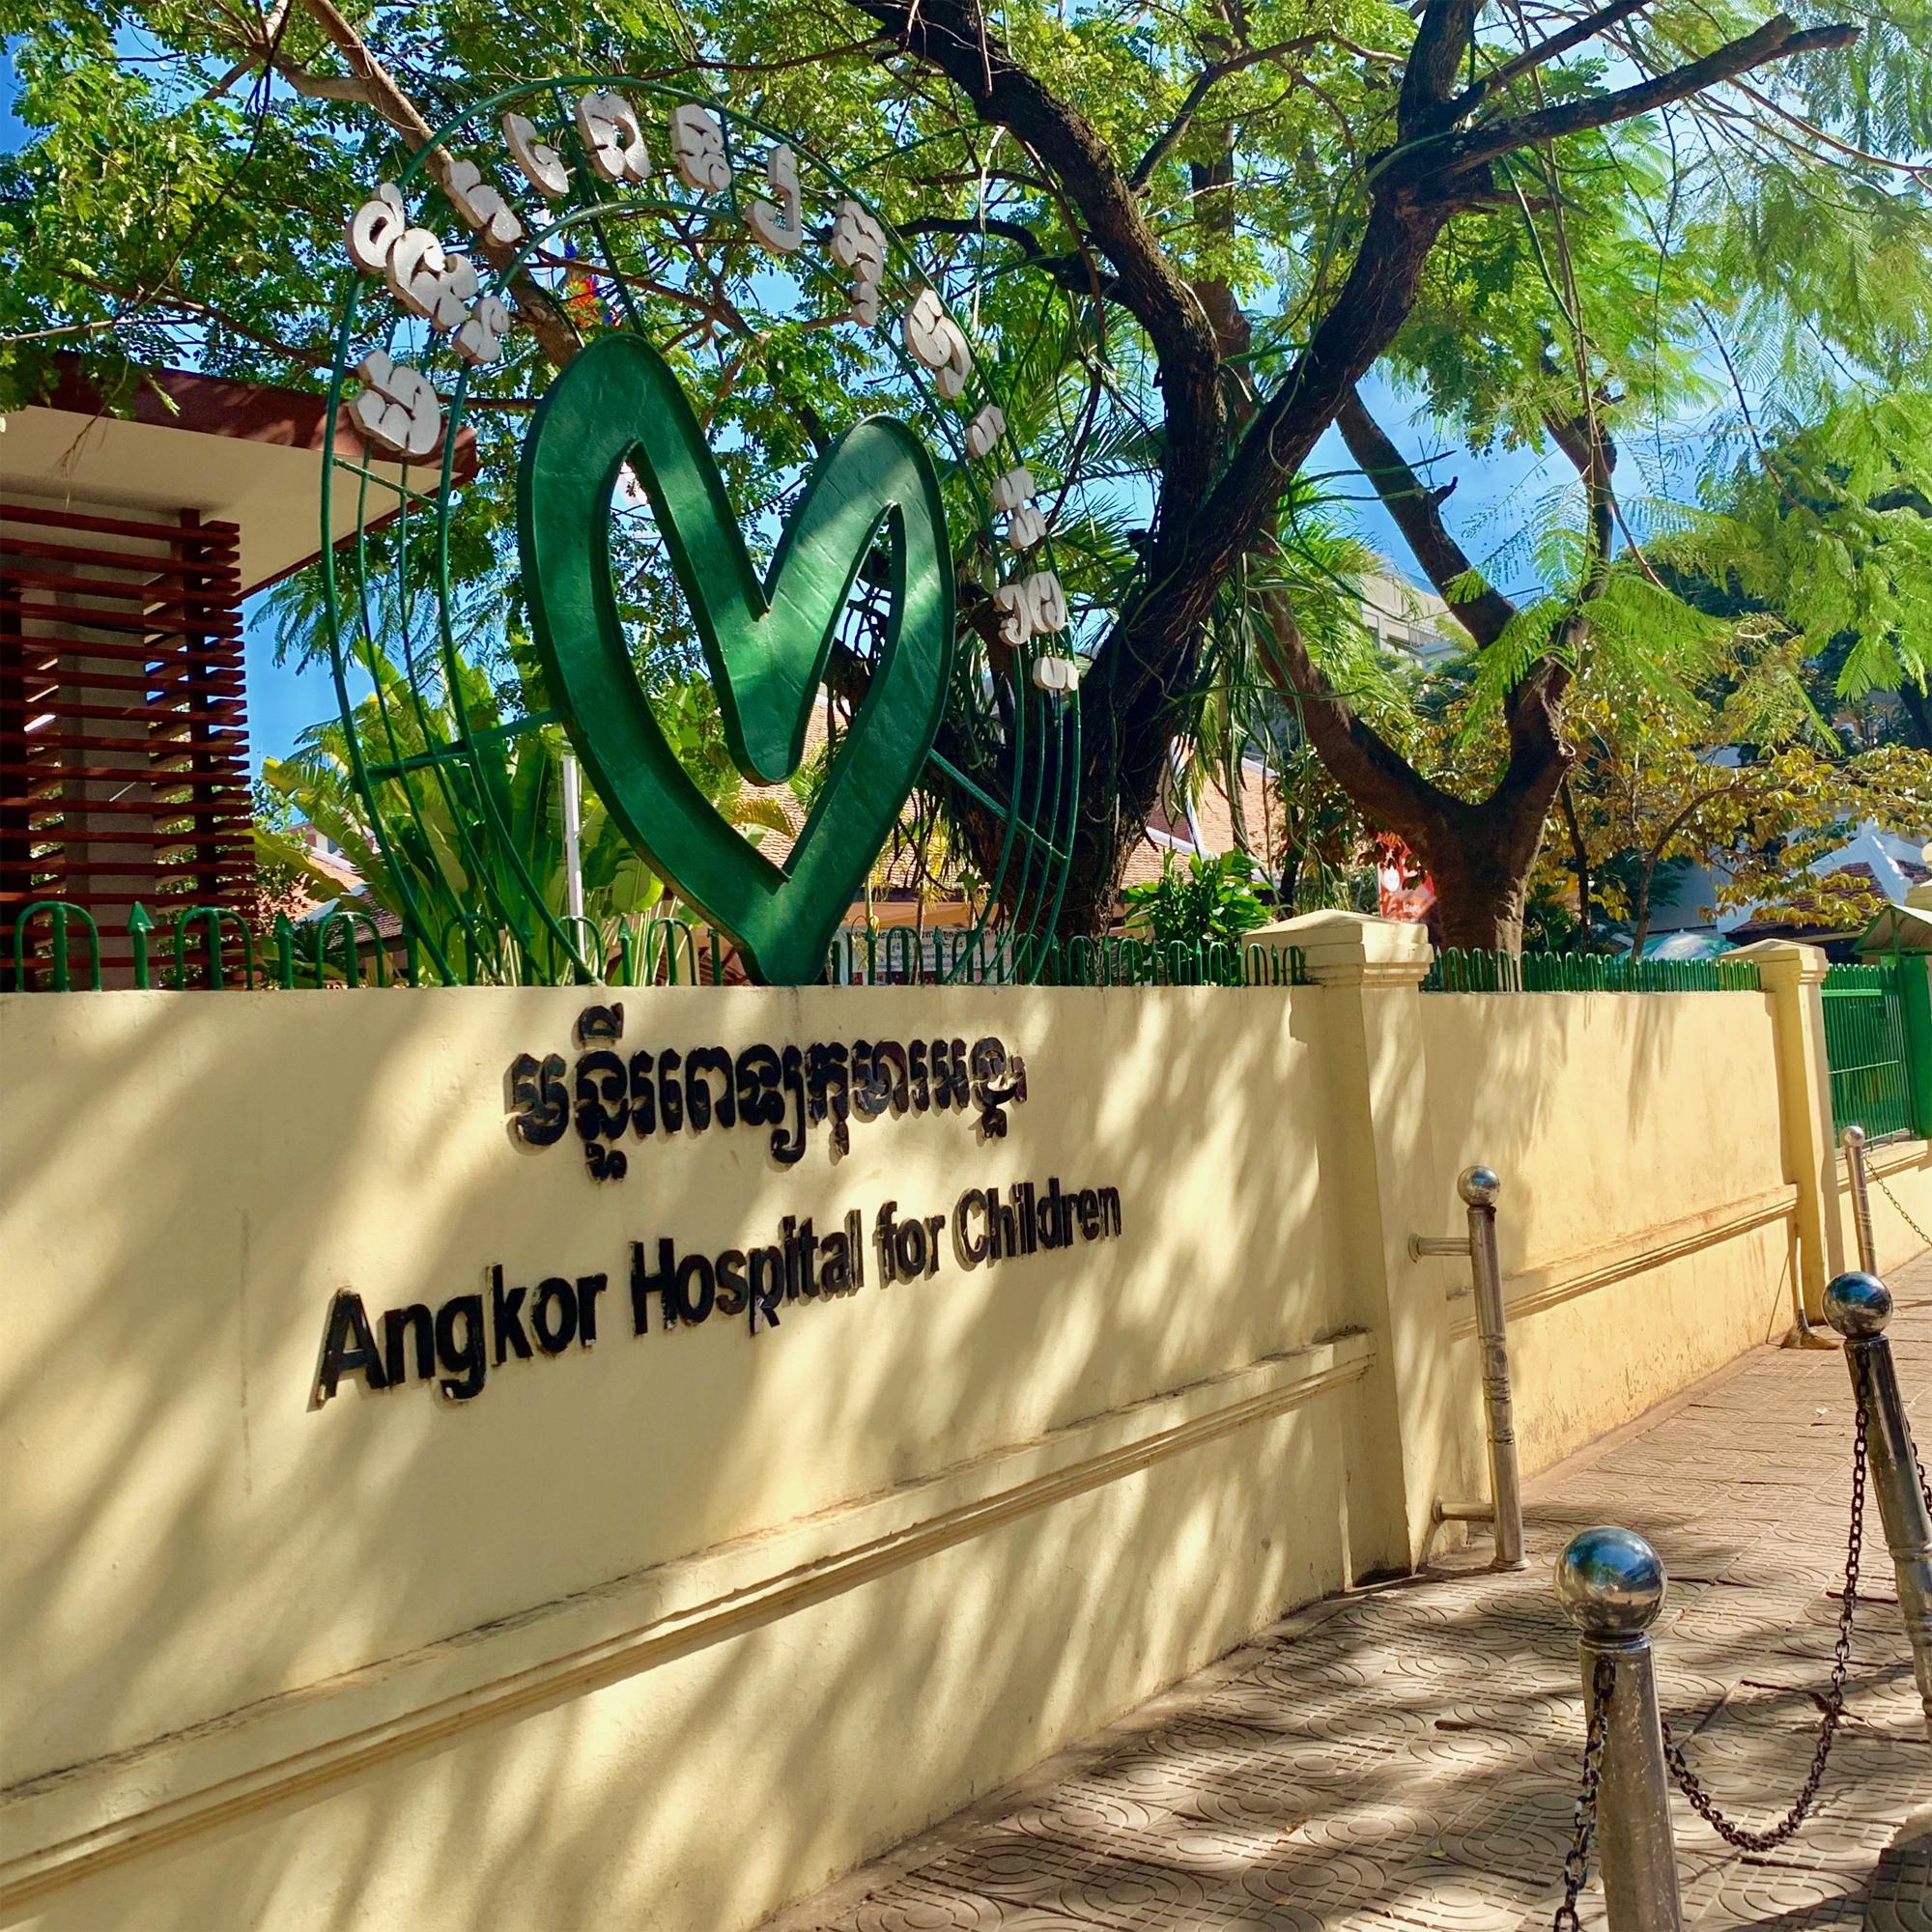 2019 포스코청암상 봉사상에 선정된 앙코르어린이병원(Angkor Hospital for Children).